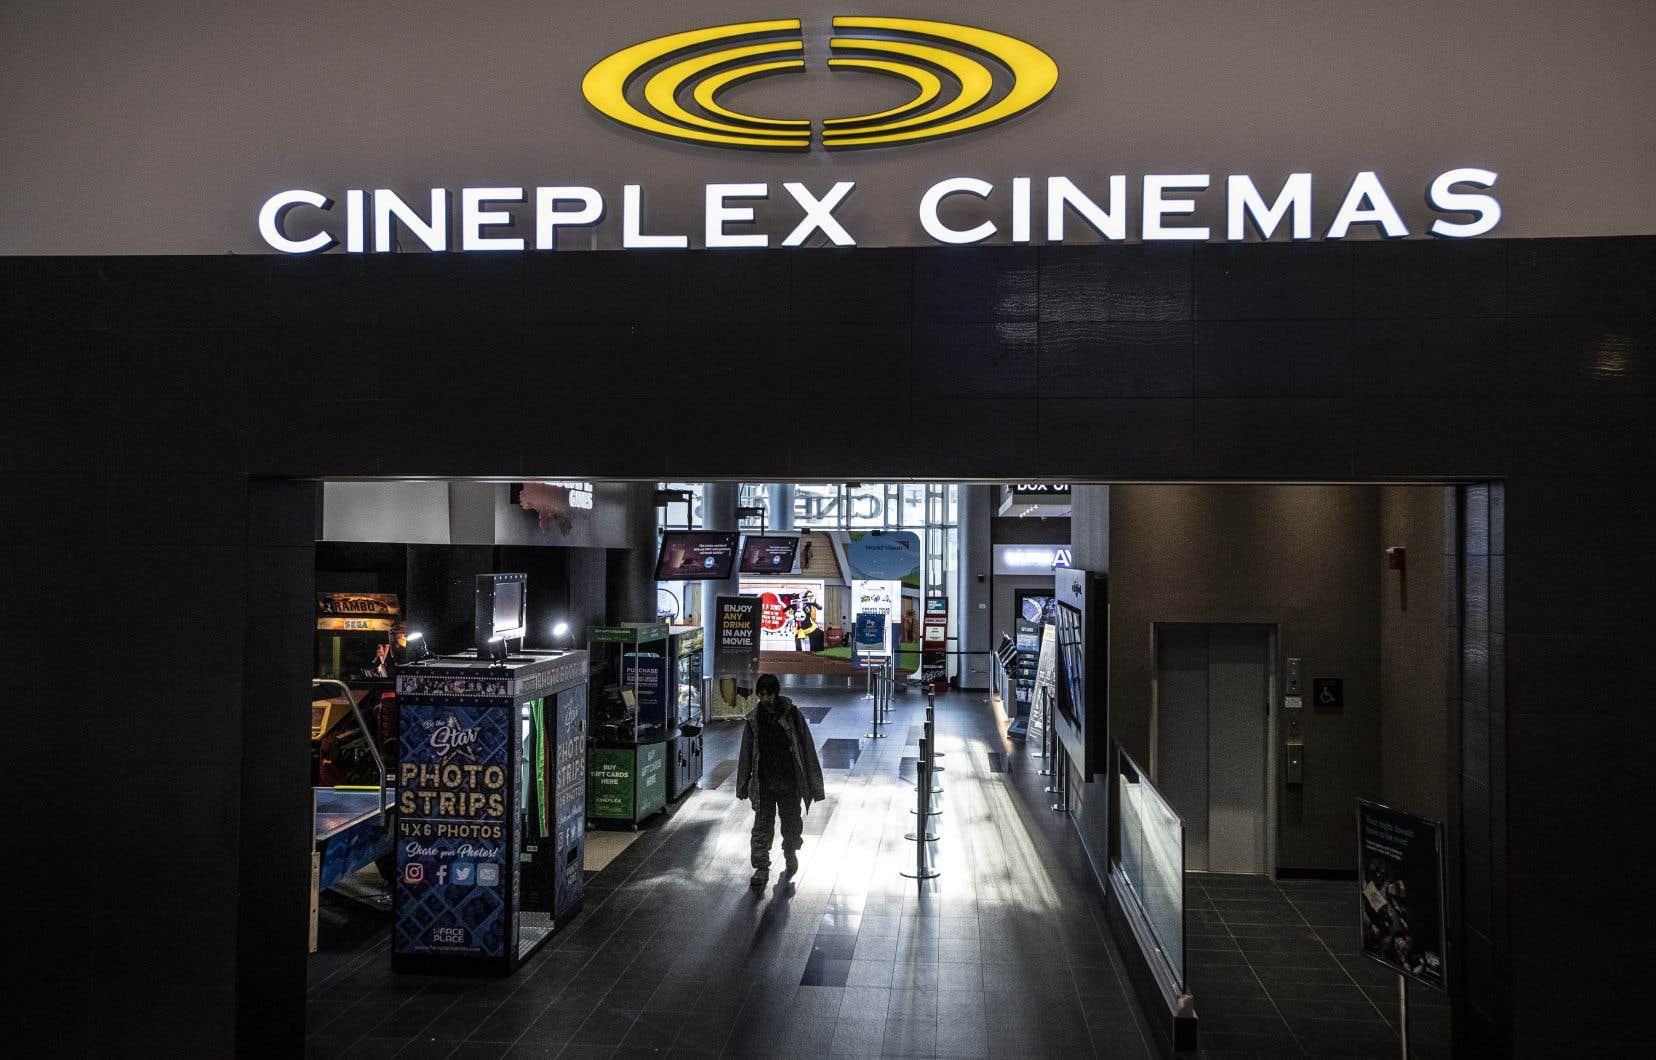 L'entreprise torontoise ouvrira vendredi certaines salles en Colombie-Britannique, en Saskatchewan, au Québec, au Nouveau-Brunswick, en Nouvelle-Écosse et à Terre-Neuve-et-Labrador. Sur la photo, un cinéma de Toronto